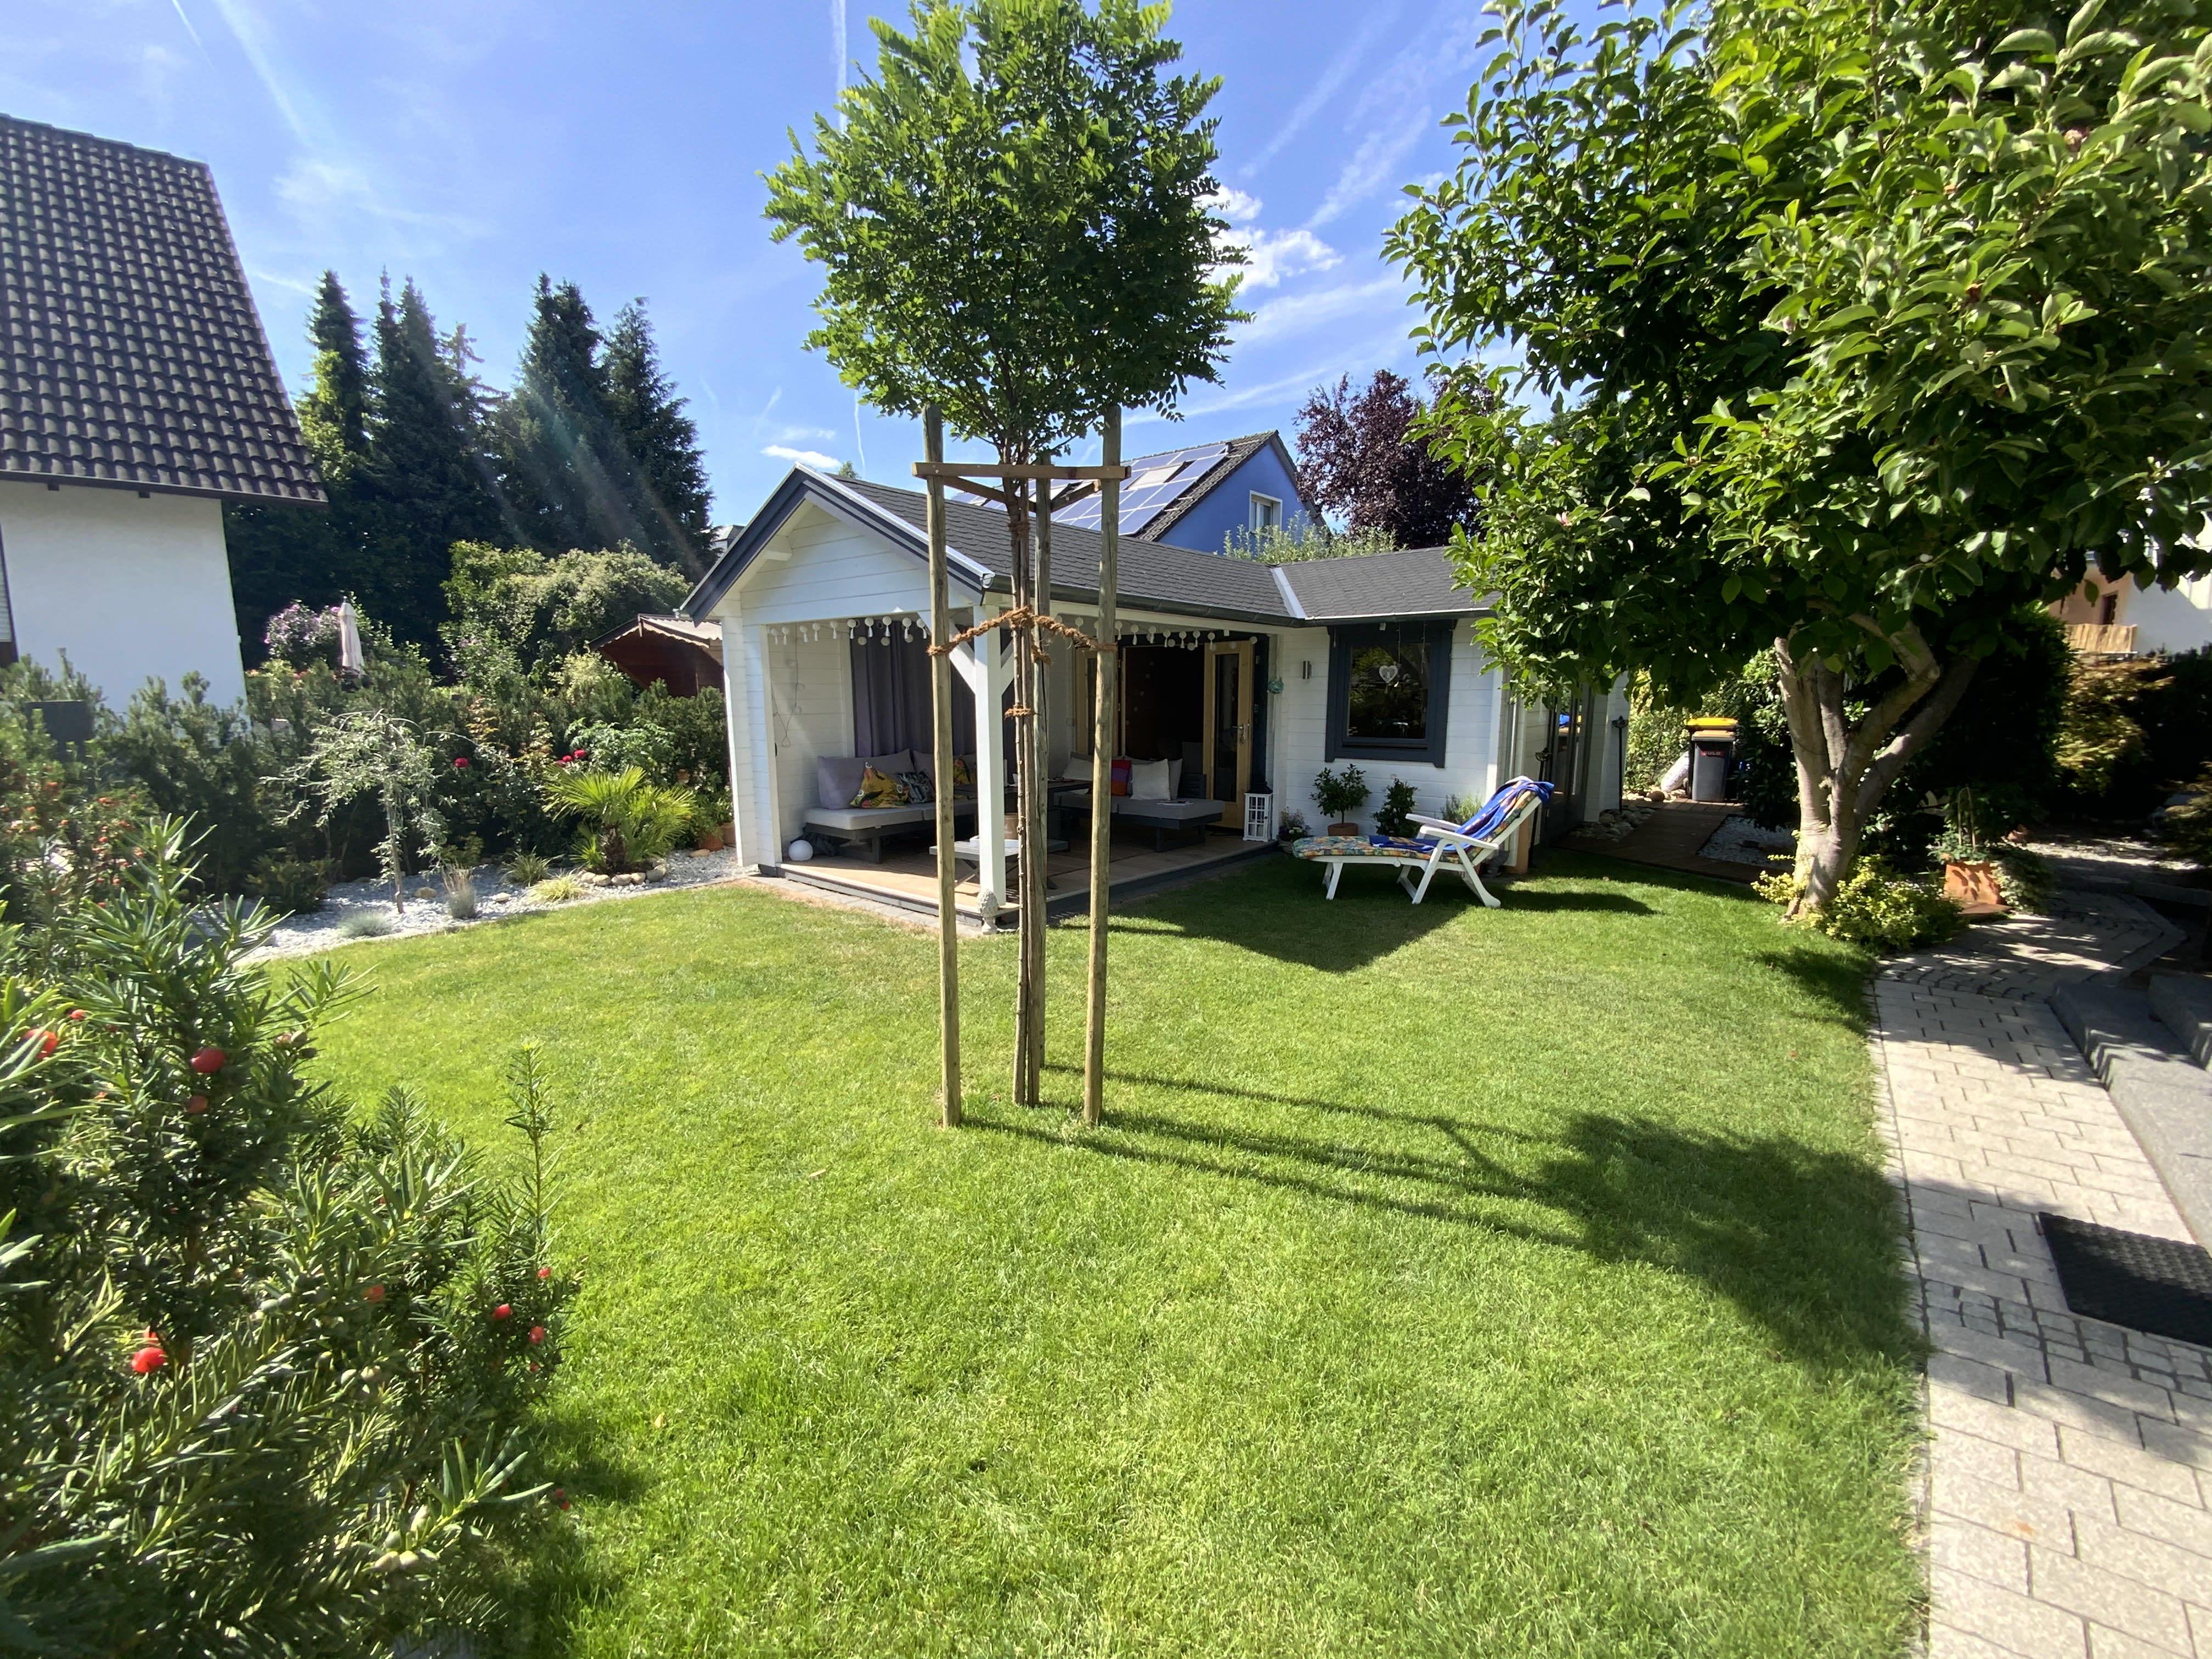 Garten mit Rasen und kleinem Haus